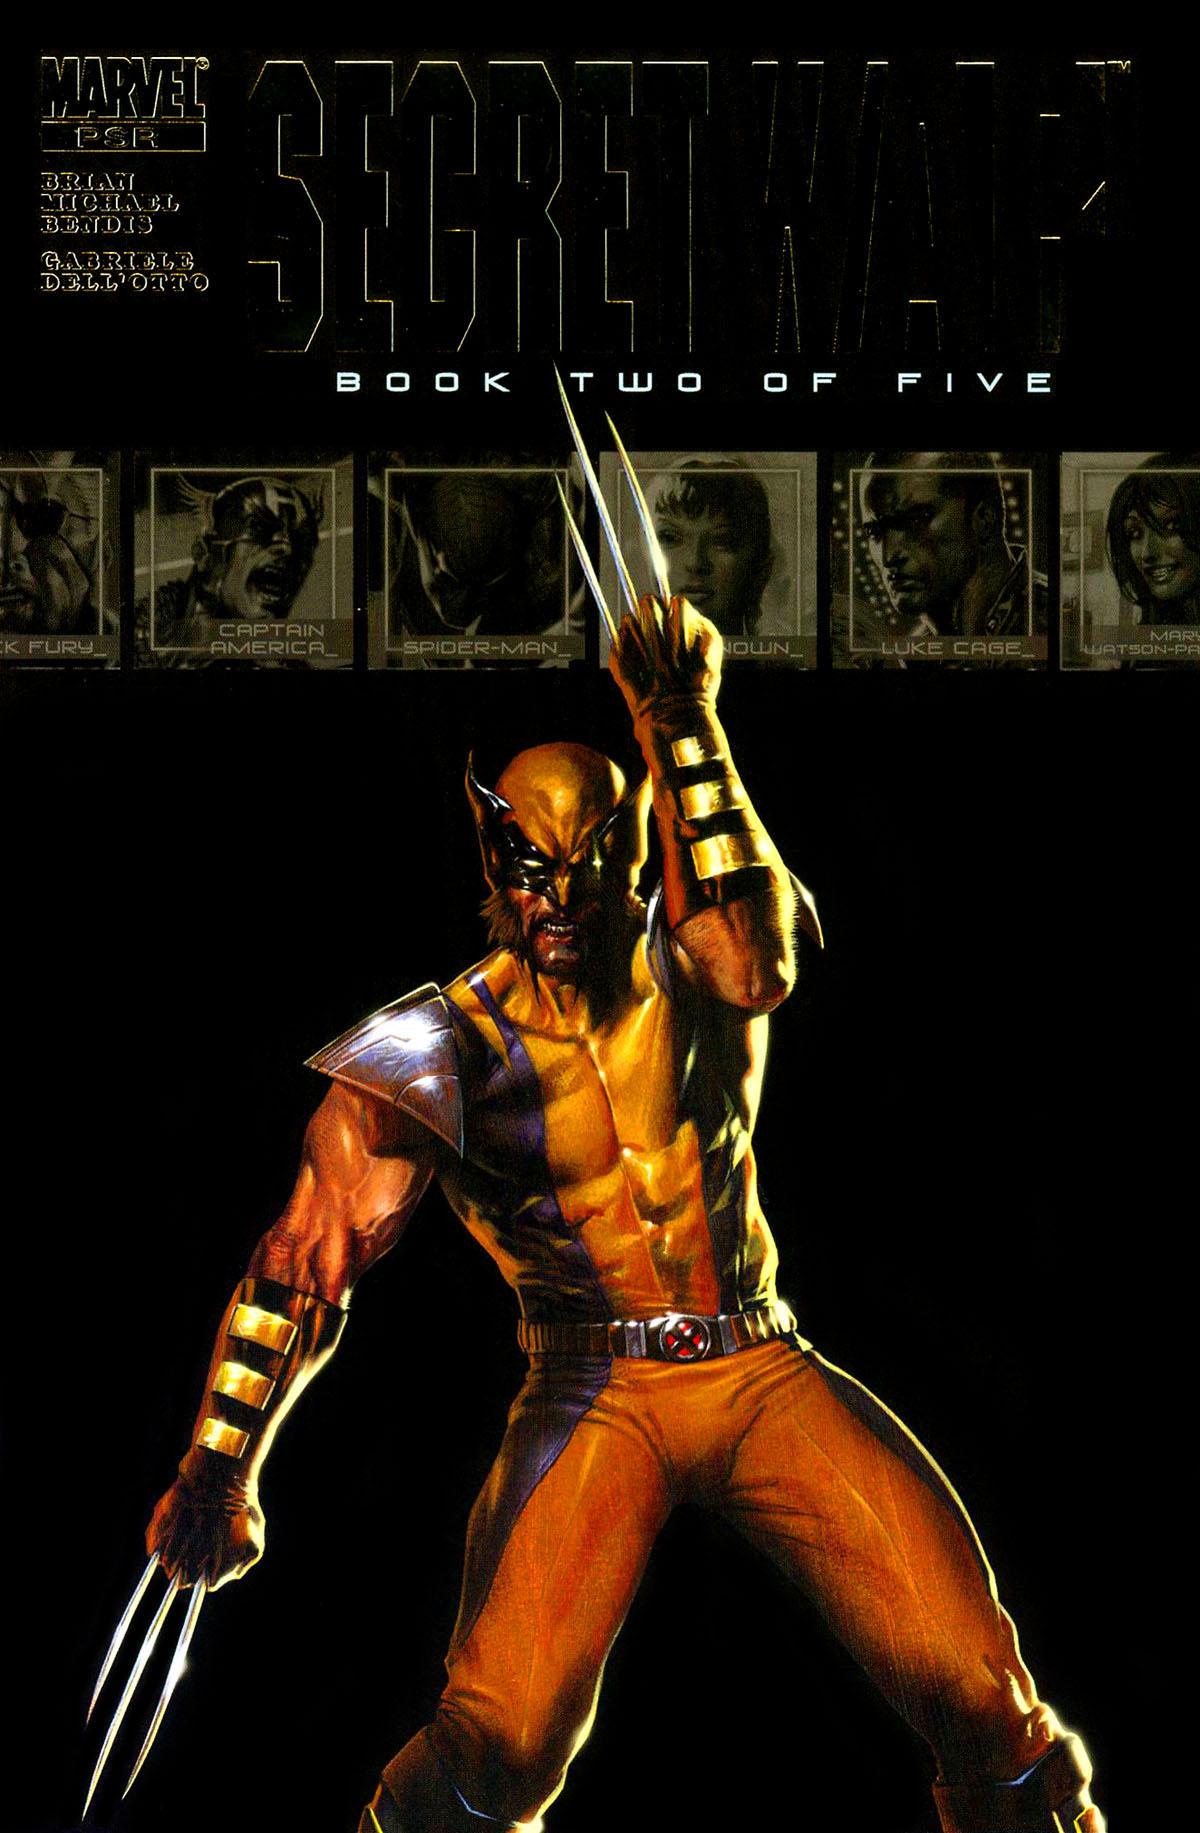 Комиксы Онлайн - Секретная Война - # 2 Книга вторая  - Страница №1 - Secret War - Secret War # 2